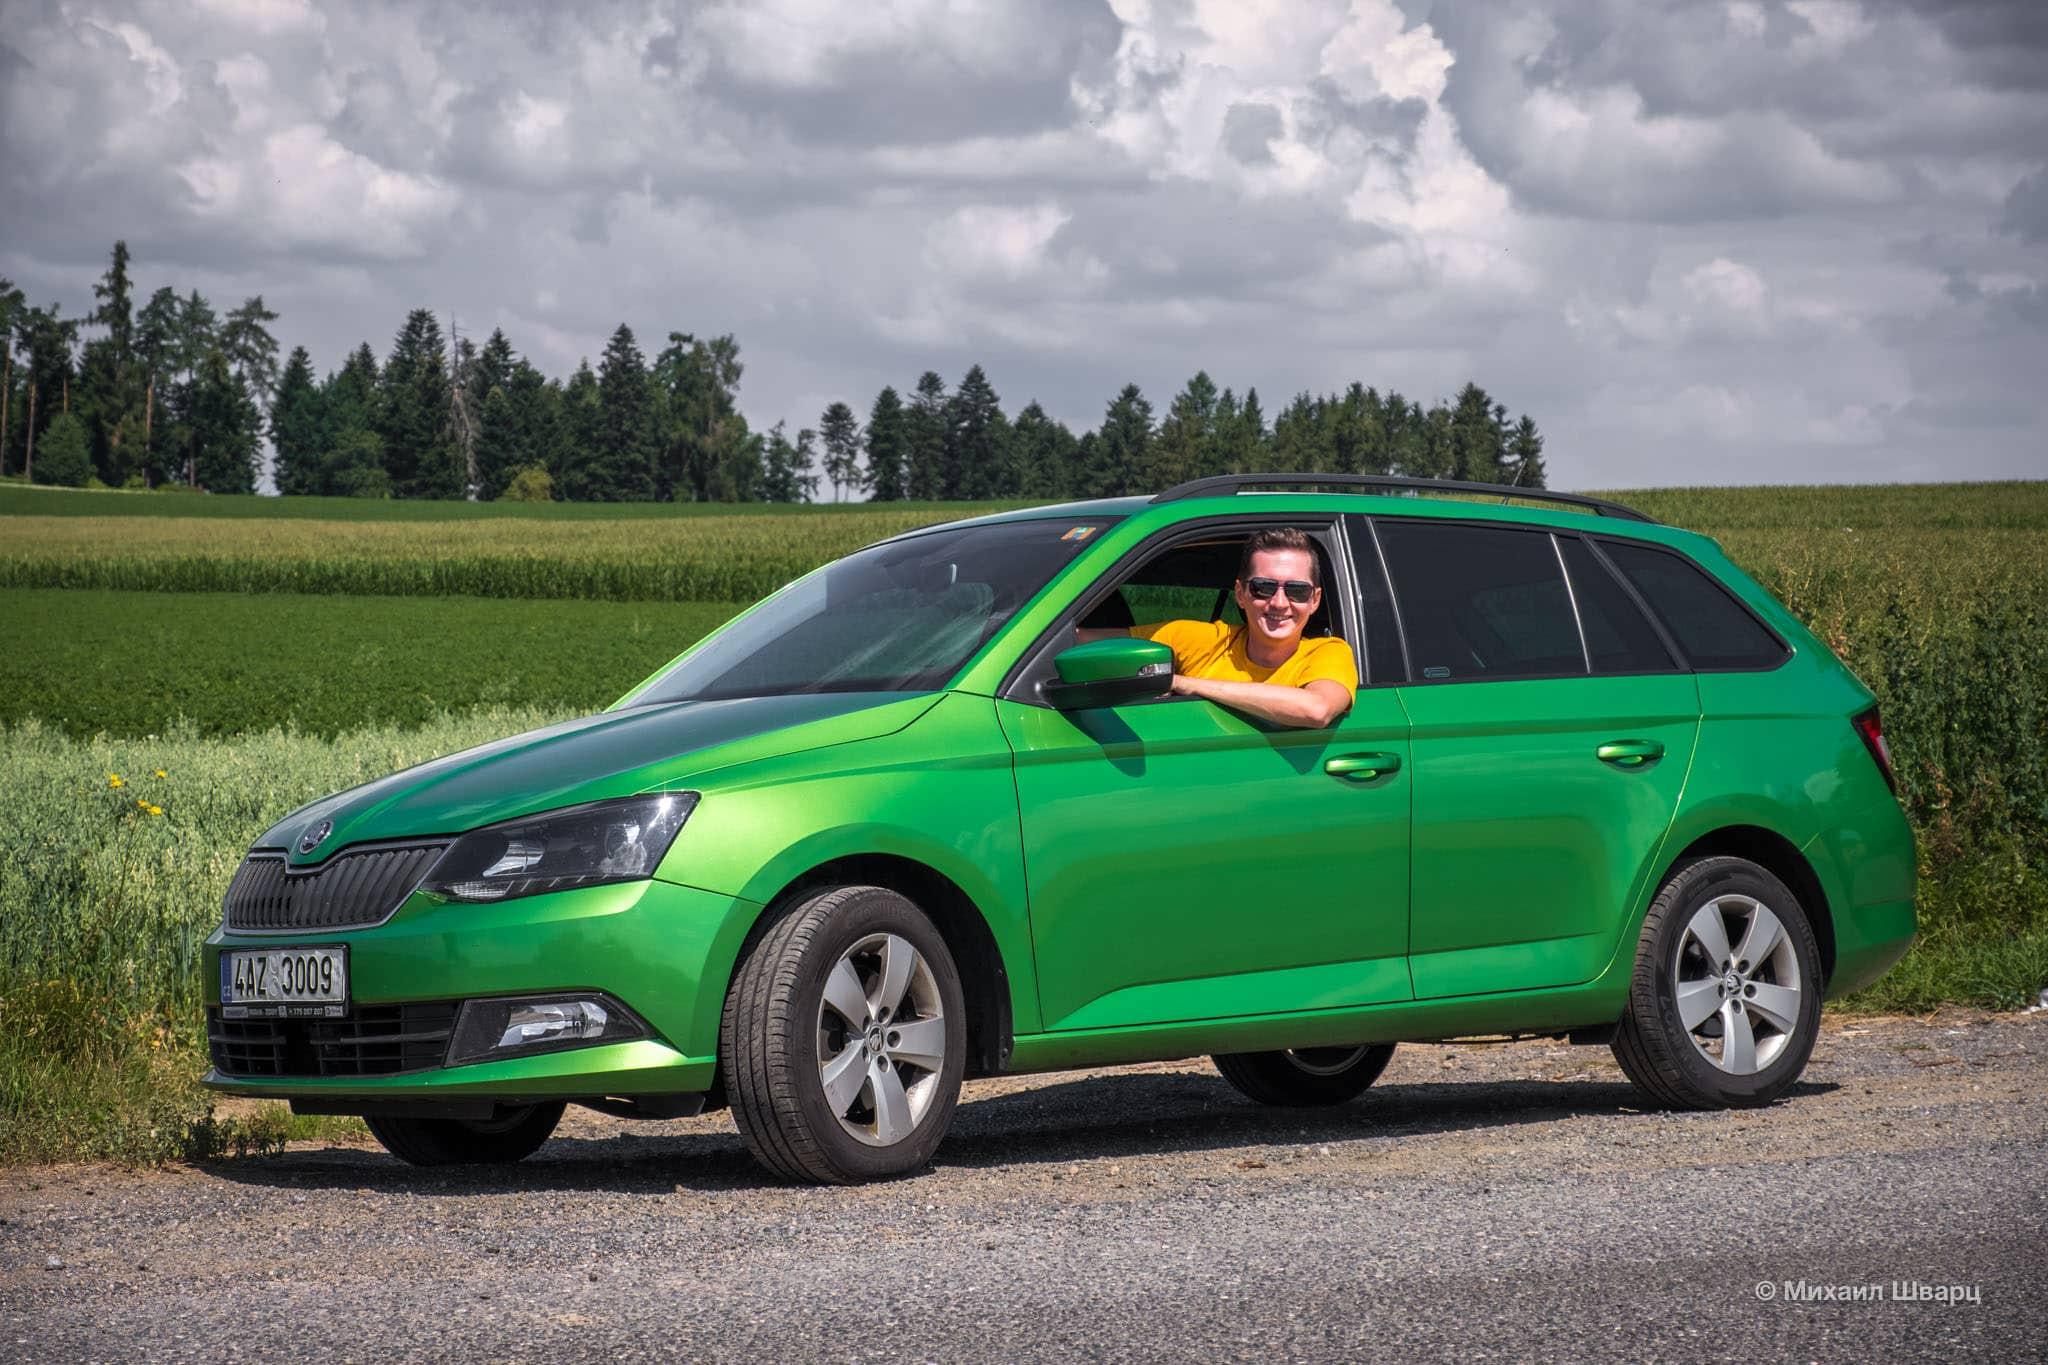 Залог прокат автомобилей в праге автосалоны москвы с пробегом на варшавке